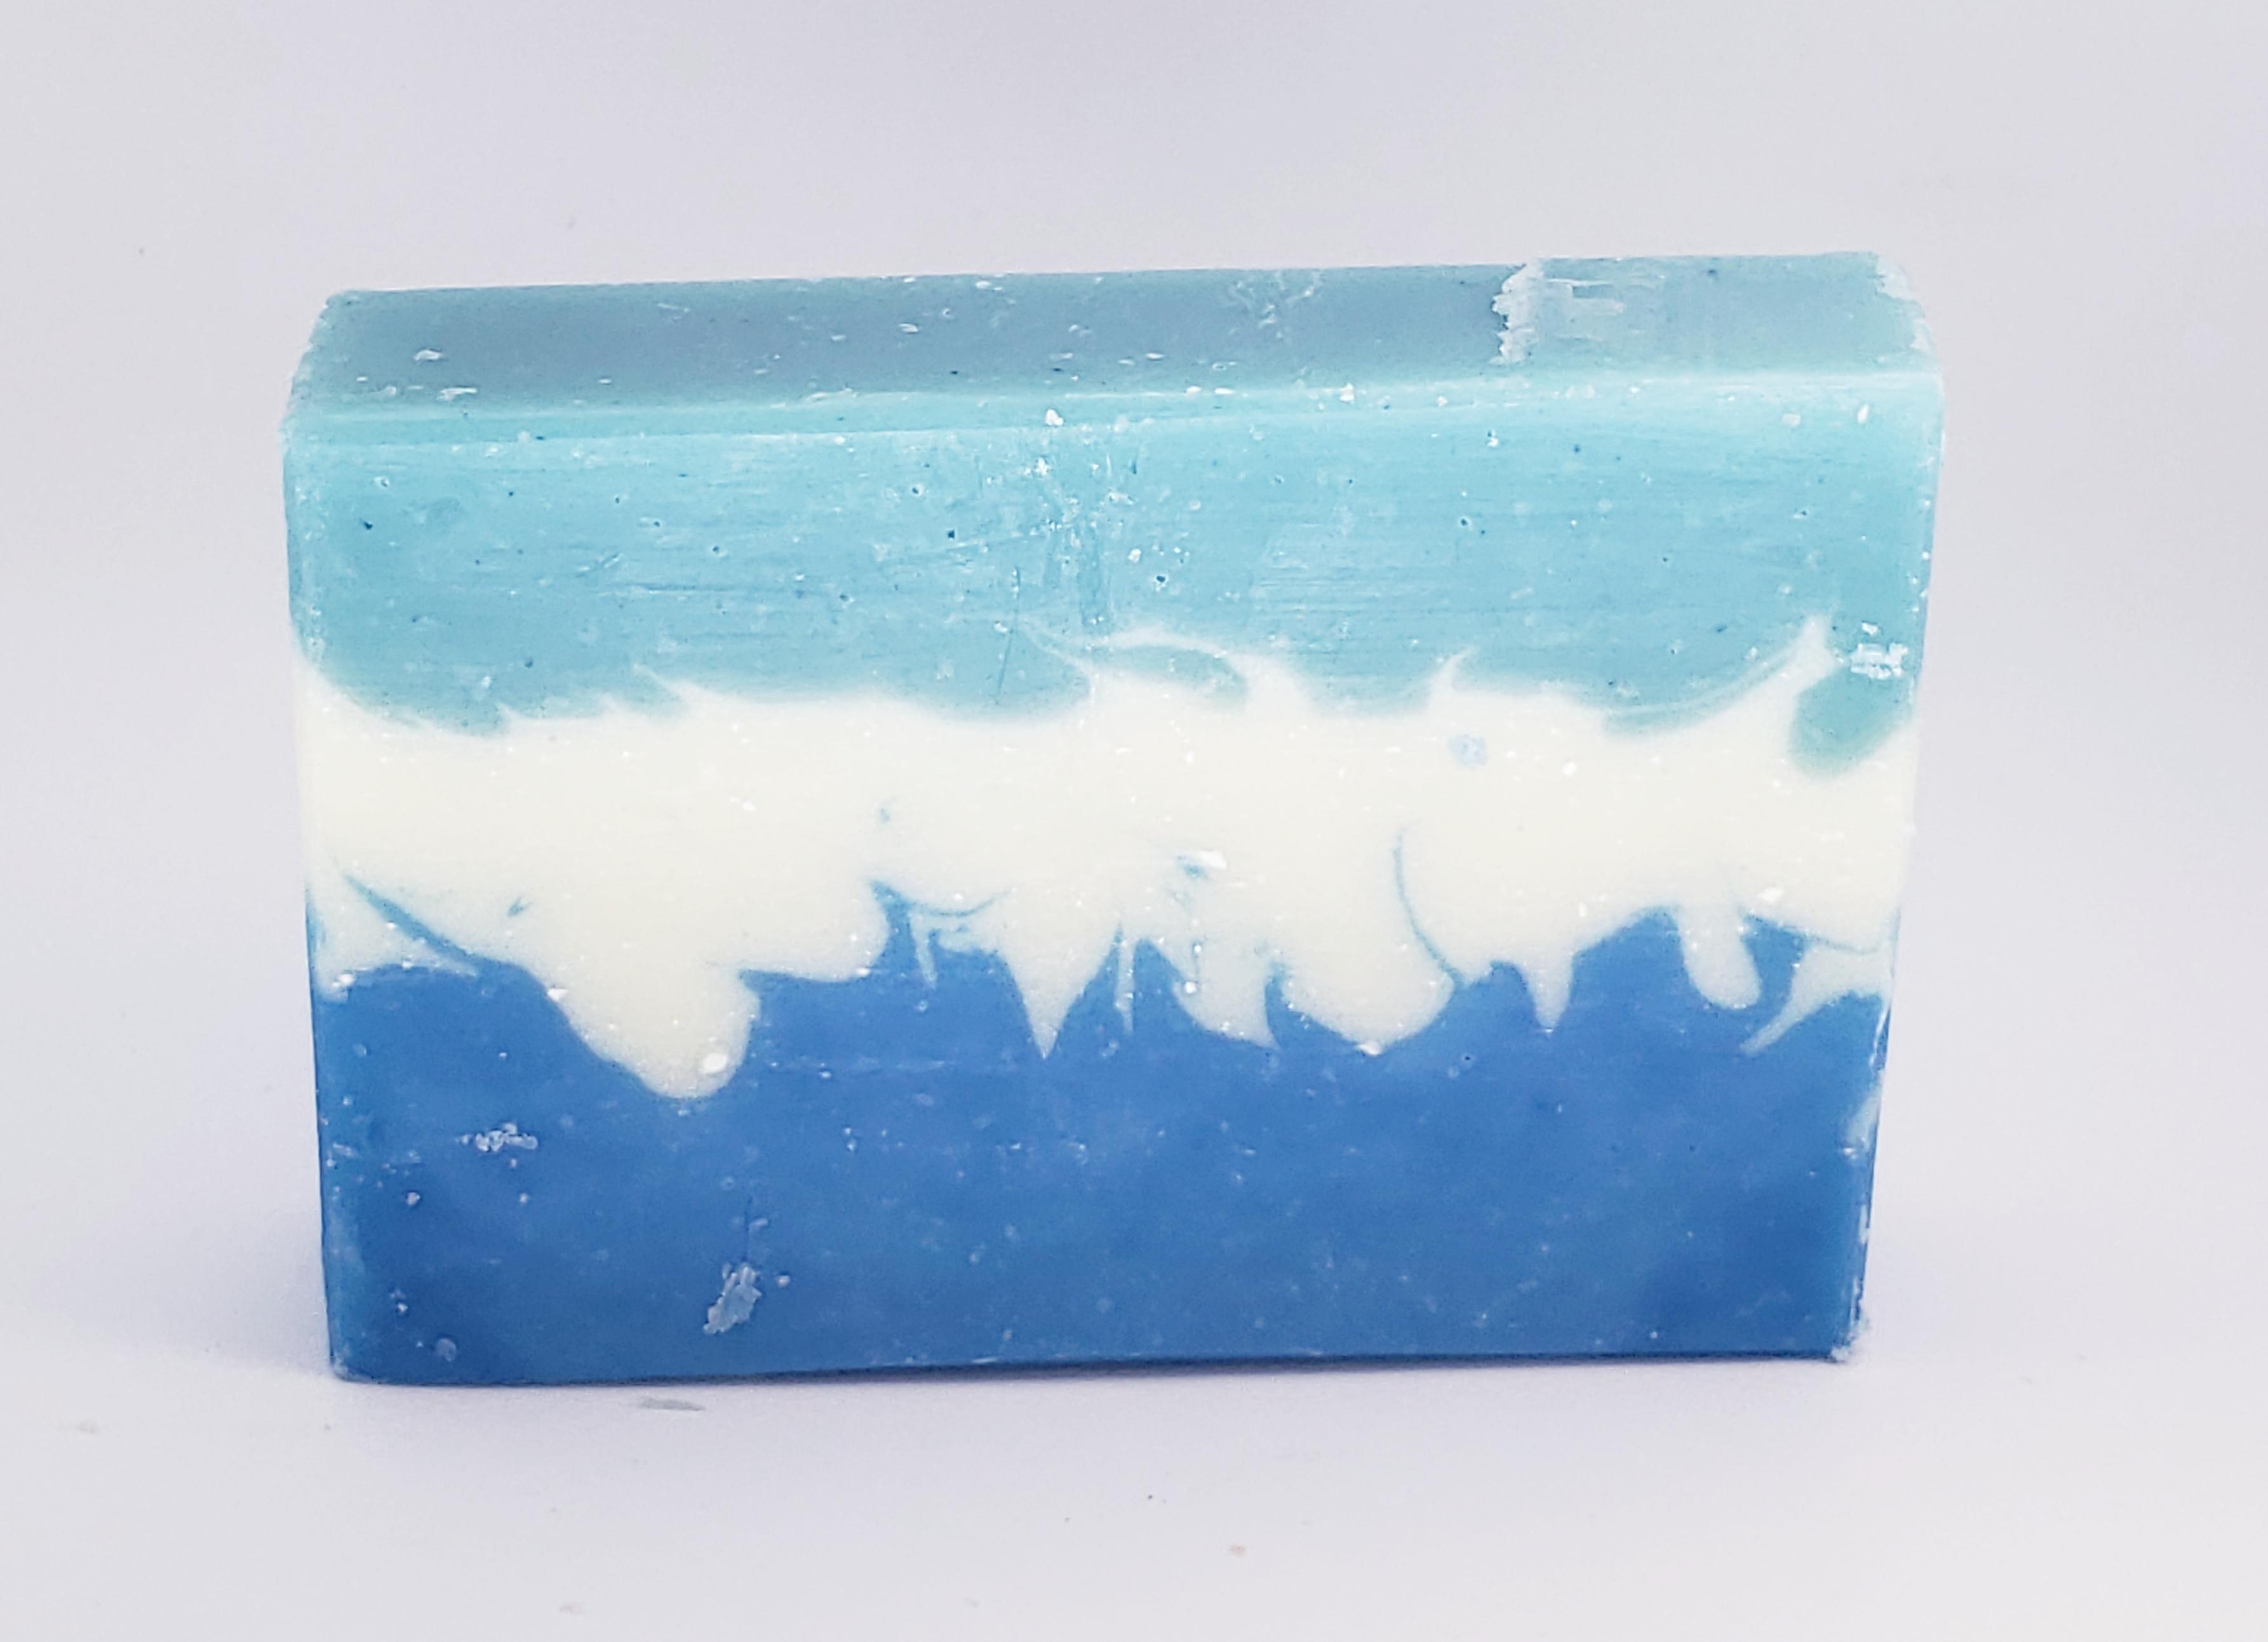 eucalyptus tea tree pointy layered soap